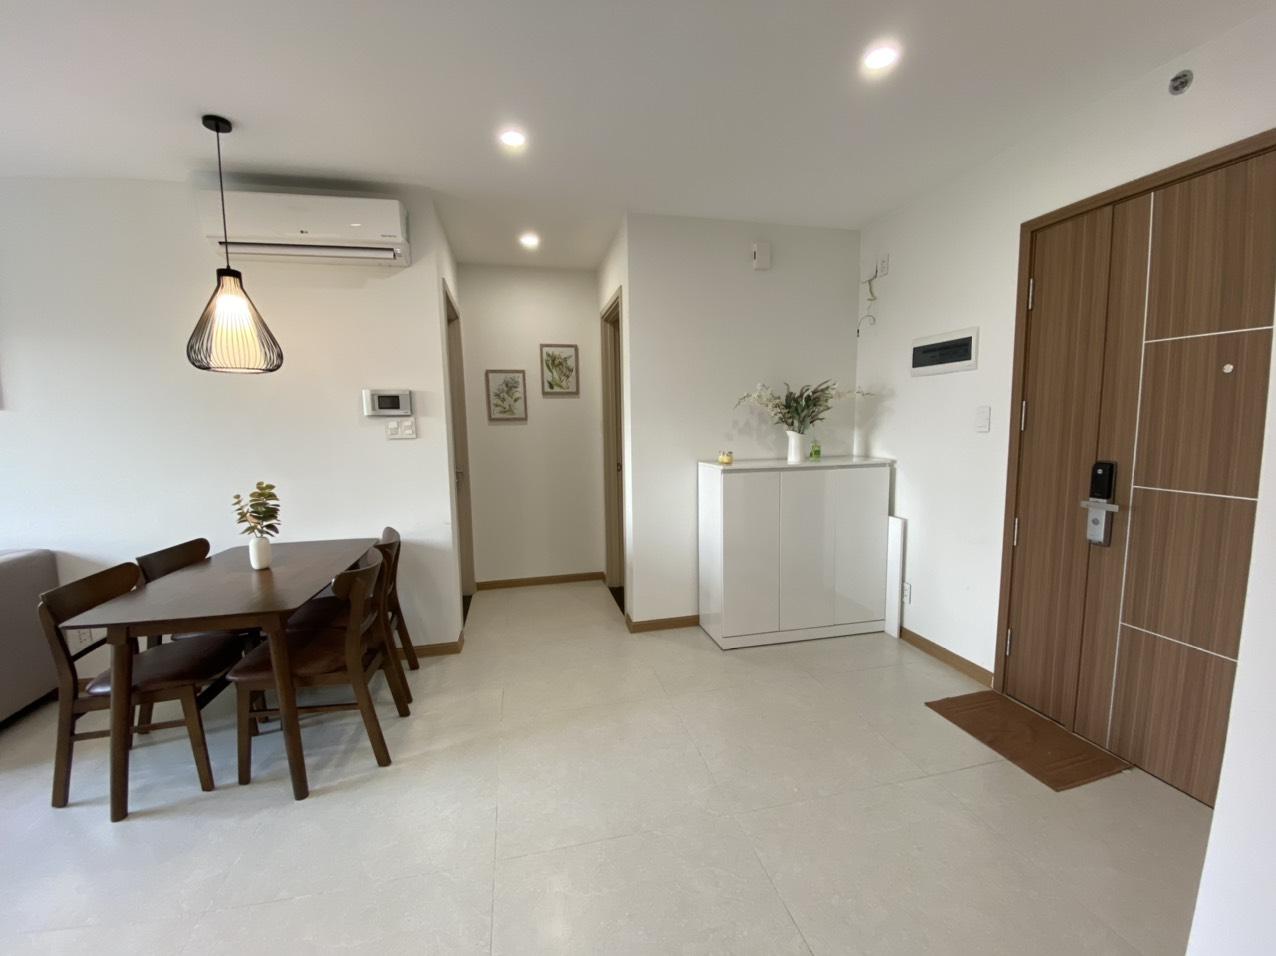 Cho thuê 2 phòng ngủ New City Thủ Thiêm - ID 010139